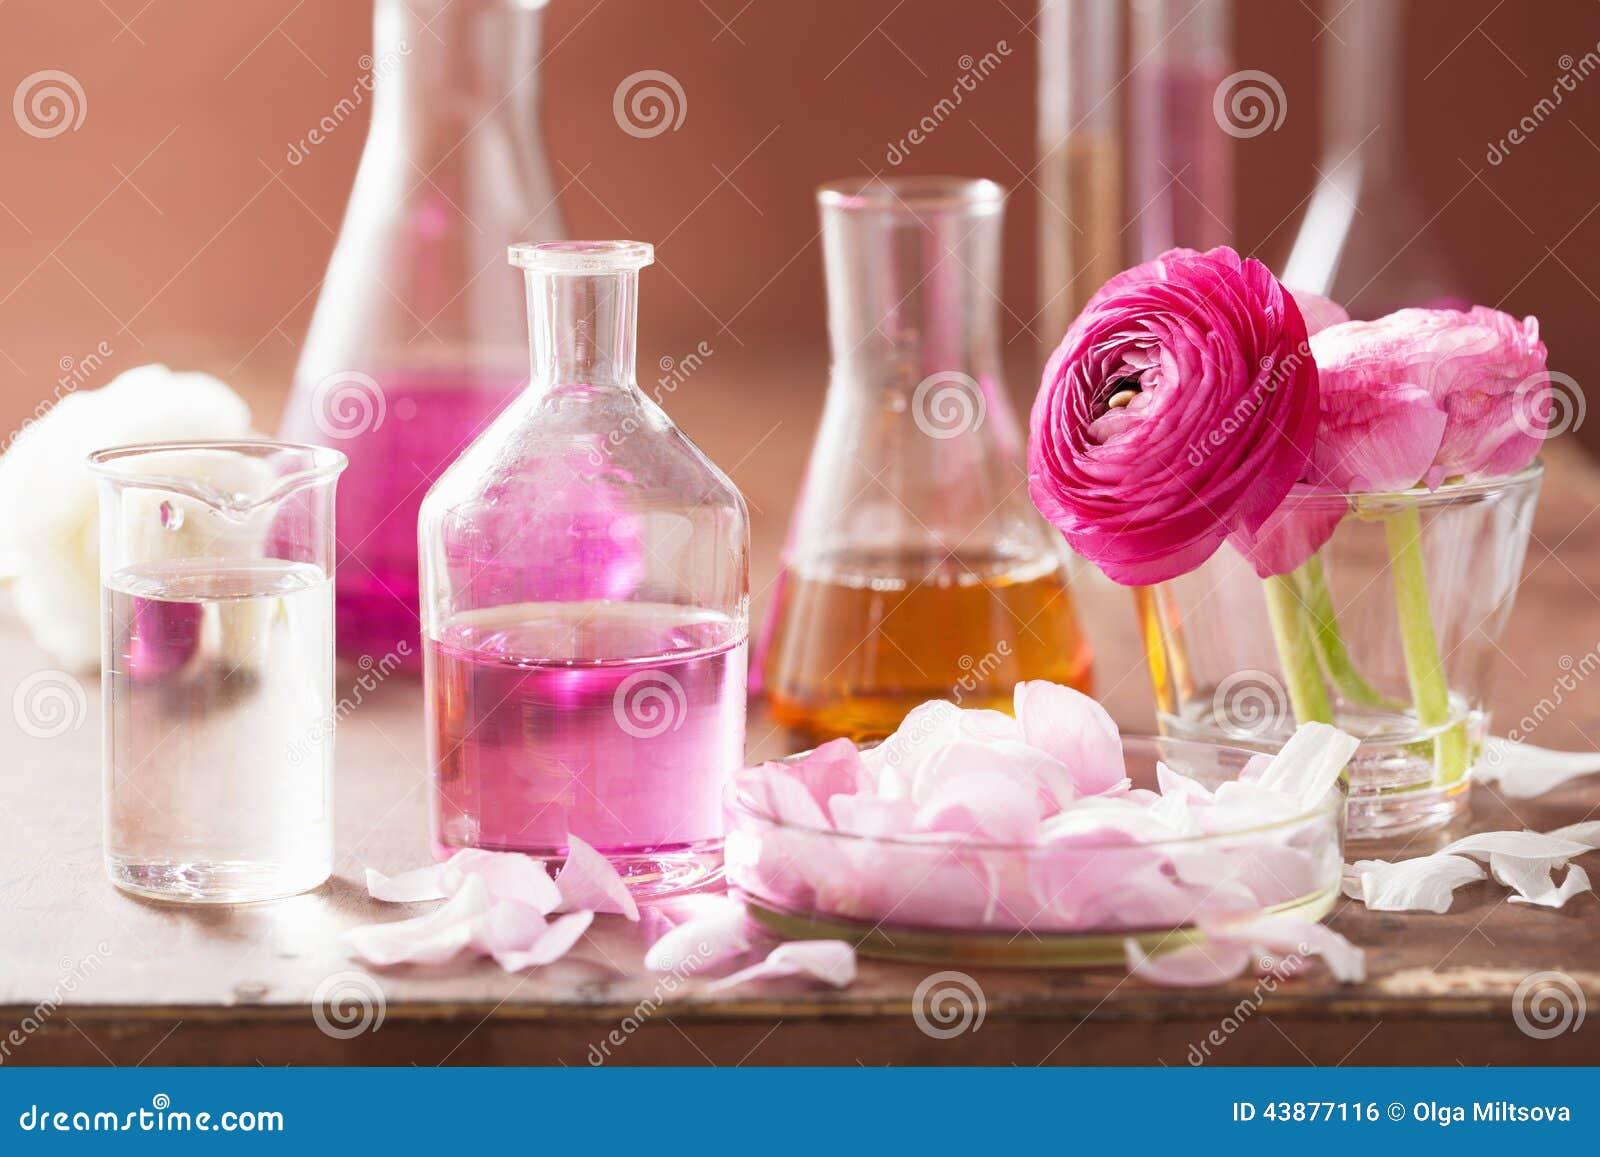 Alchimie und Aromatherapie stellten mit Ranunculusblumen und -flaschen ein